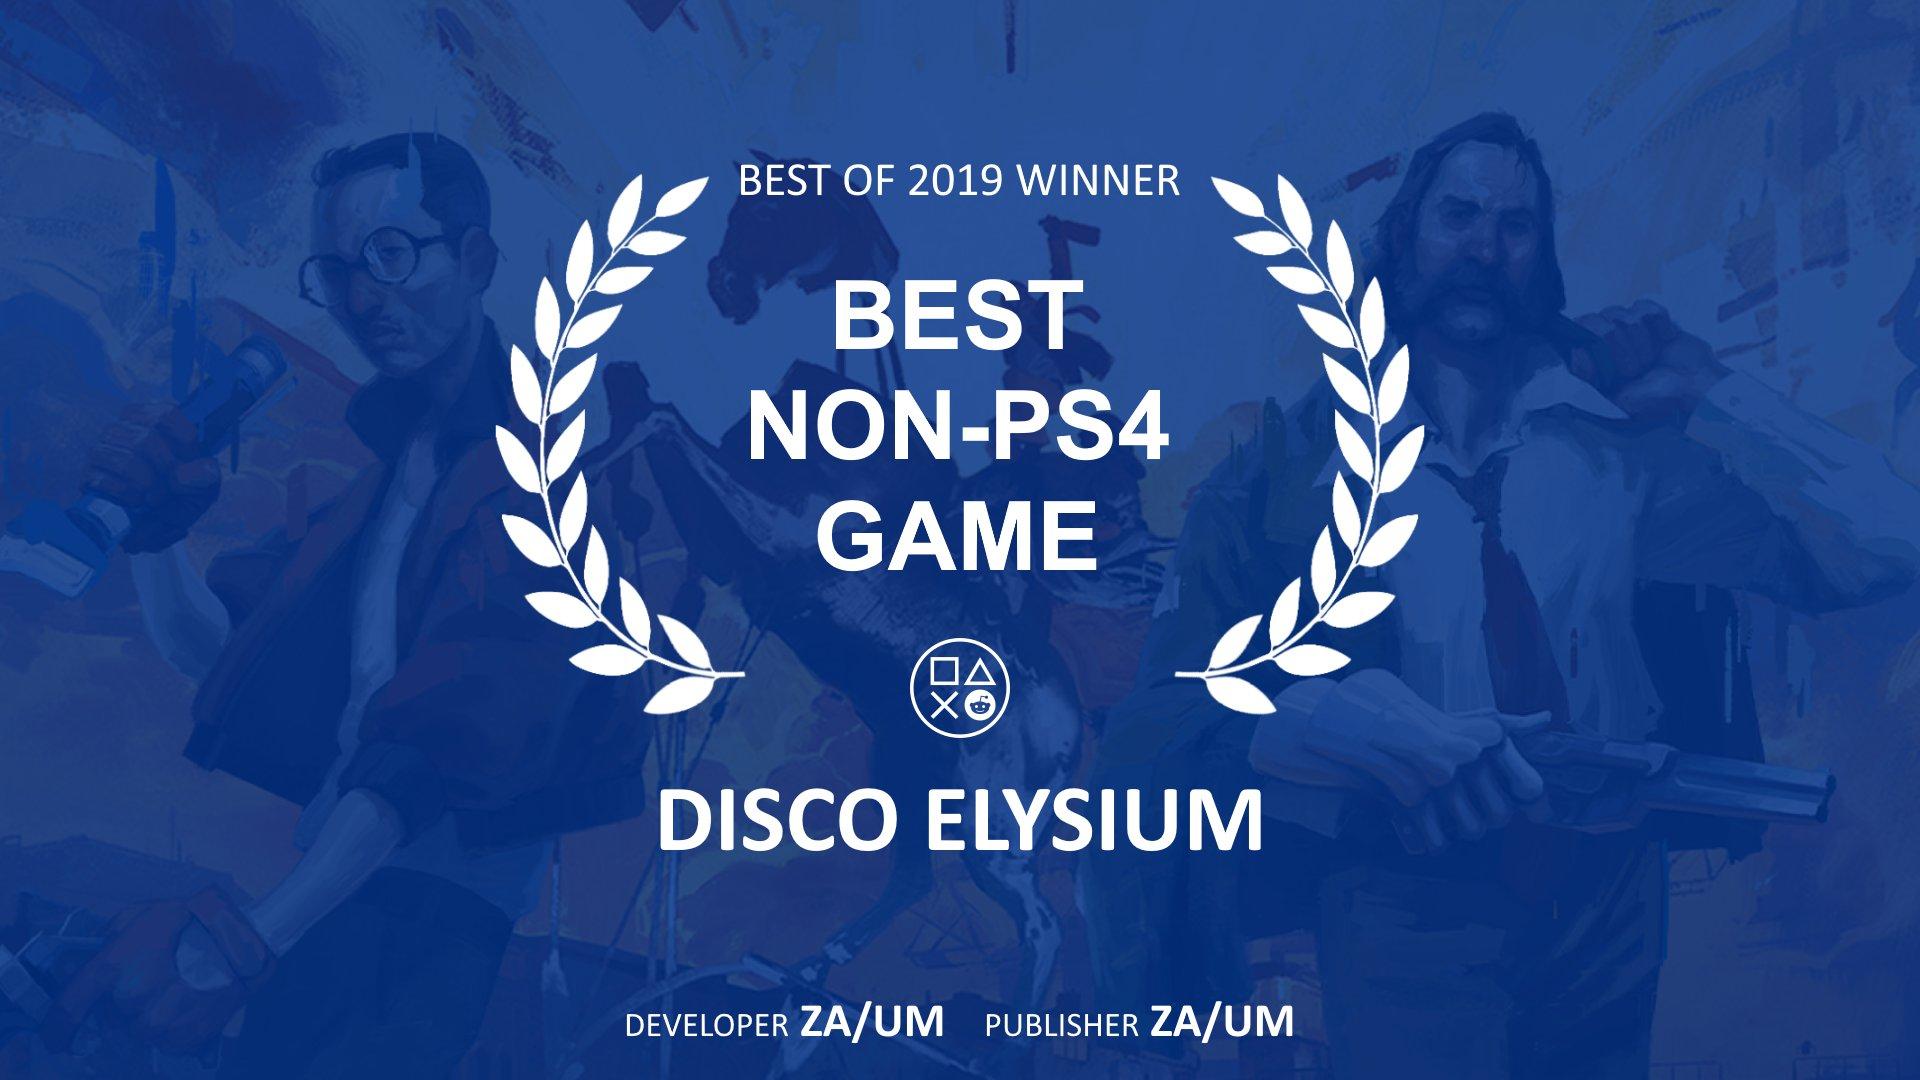 По мнению пользователей Reddit лучшая игра не для PS4 - Disco Elysium